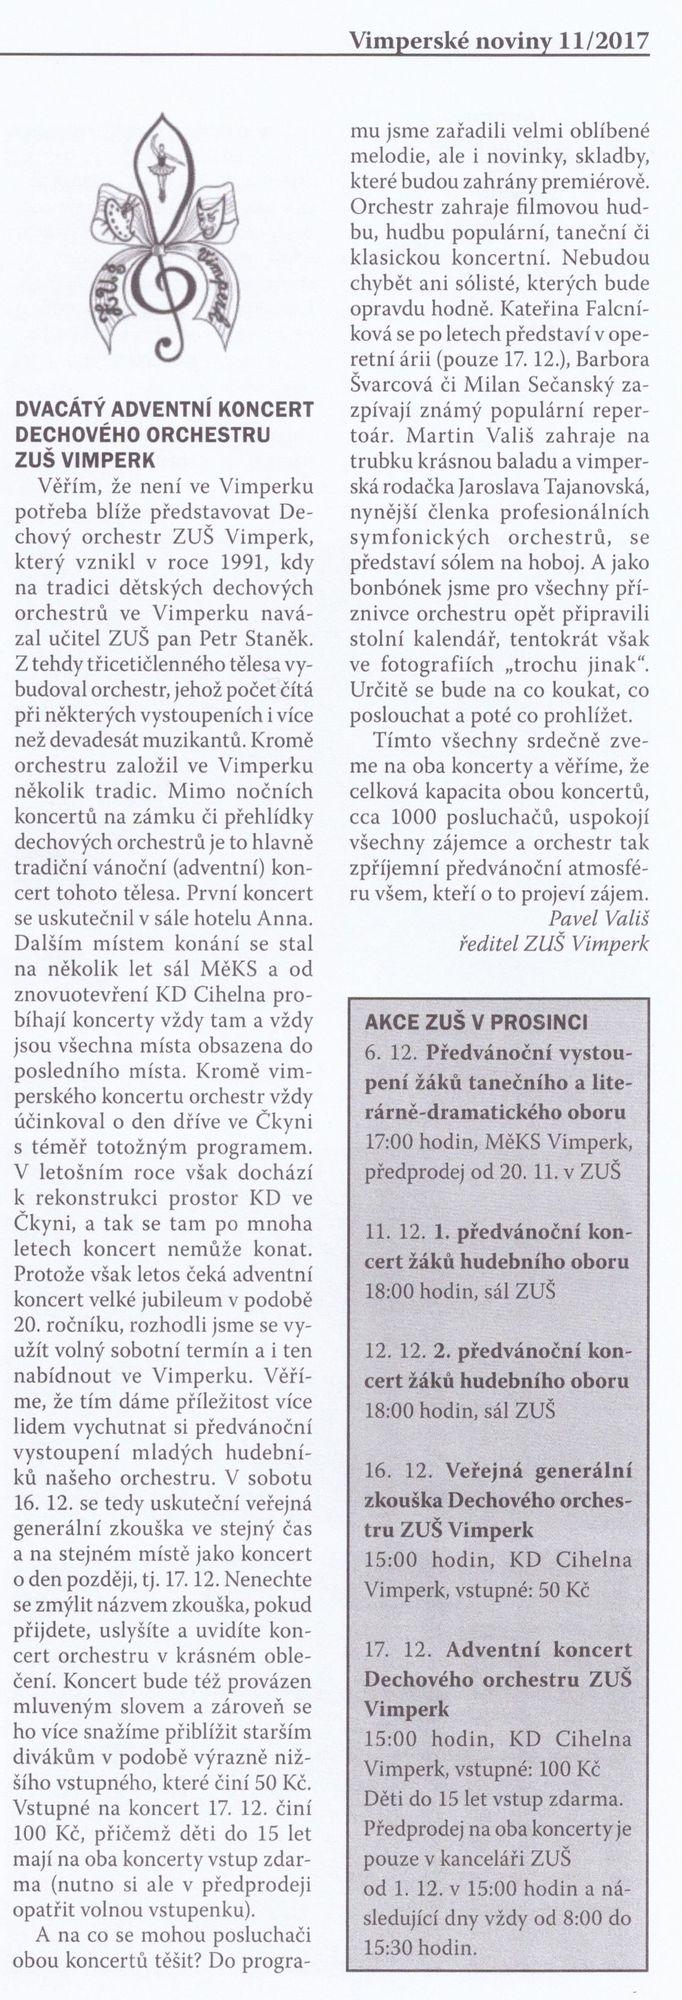 Vimperské noviny prosinec 2017